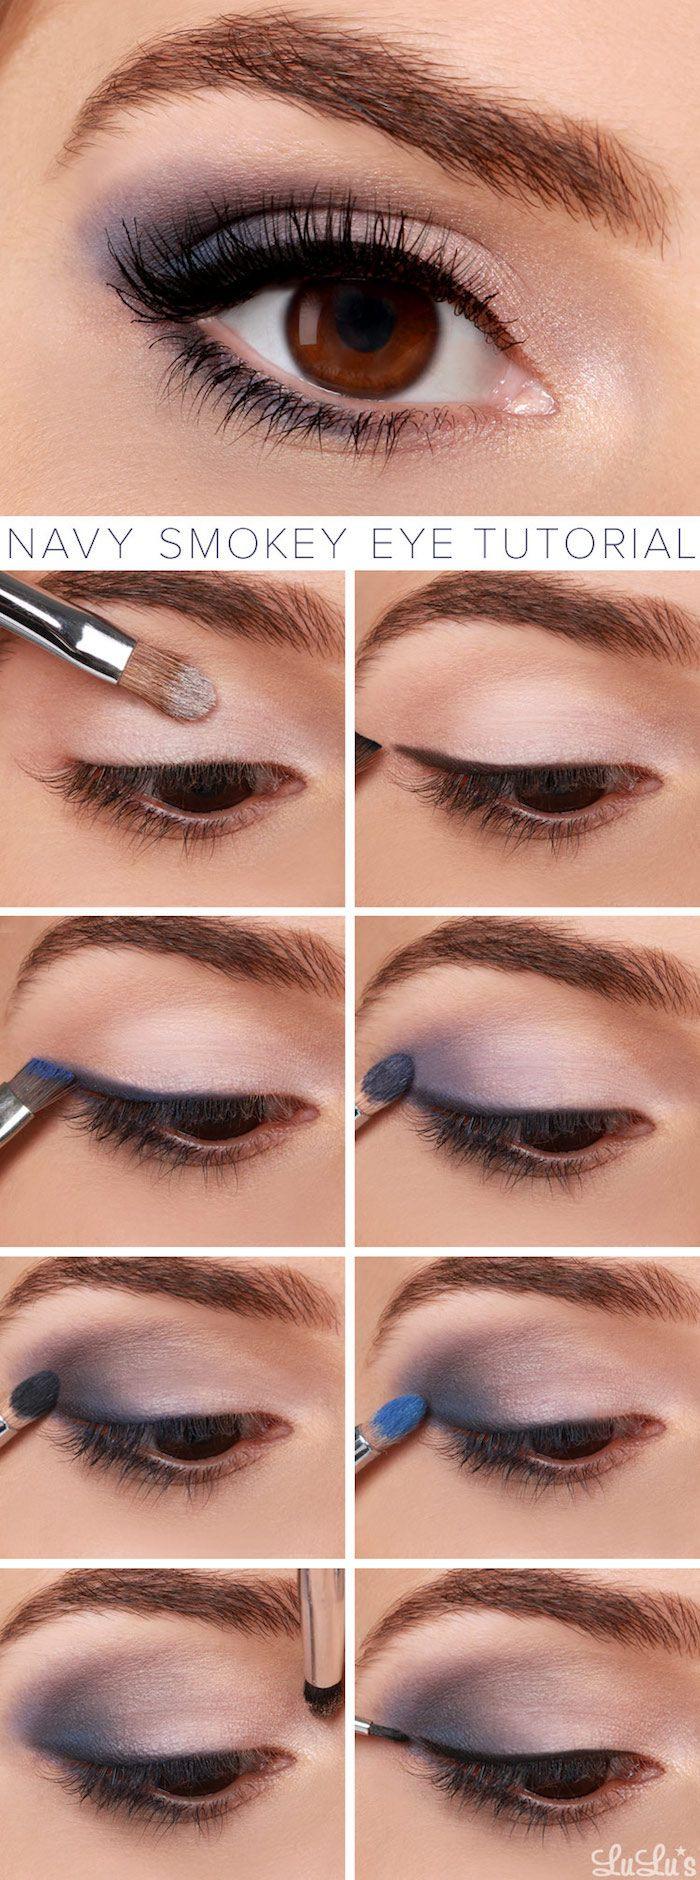 Designer Schön Abend Make Up Blaues Kleid Boutique15 Top Abend Make Up Blaues Kleid Bester Preis